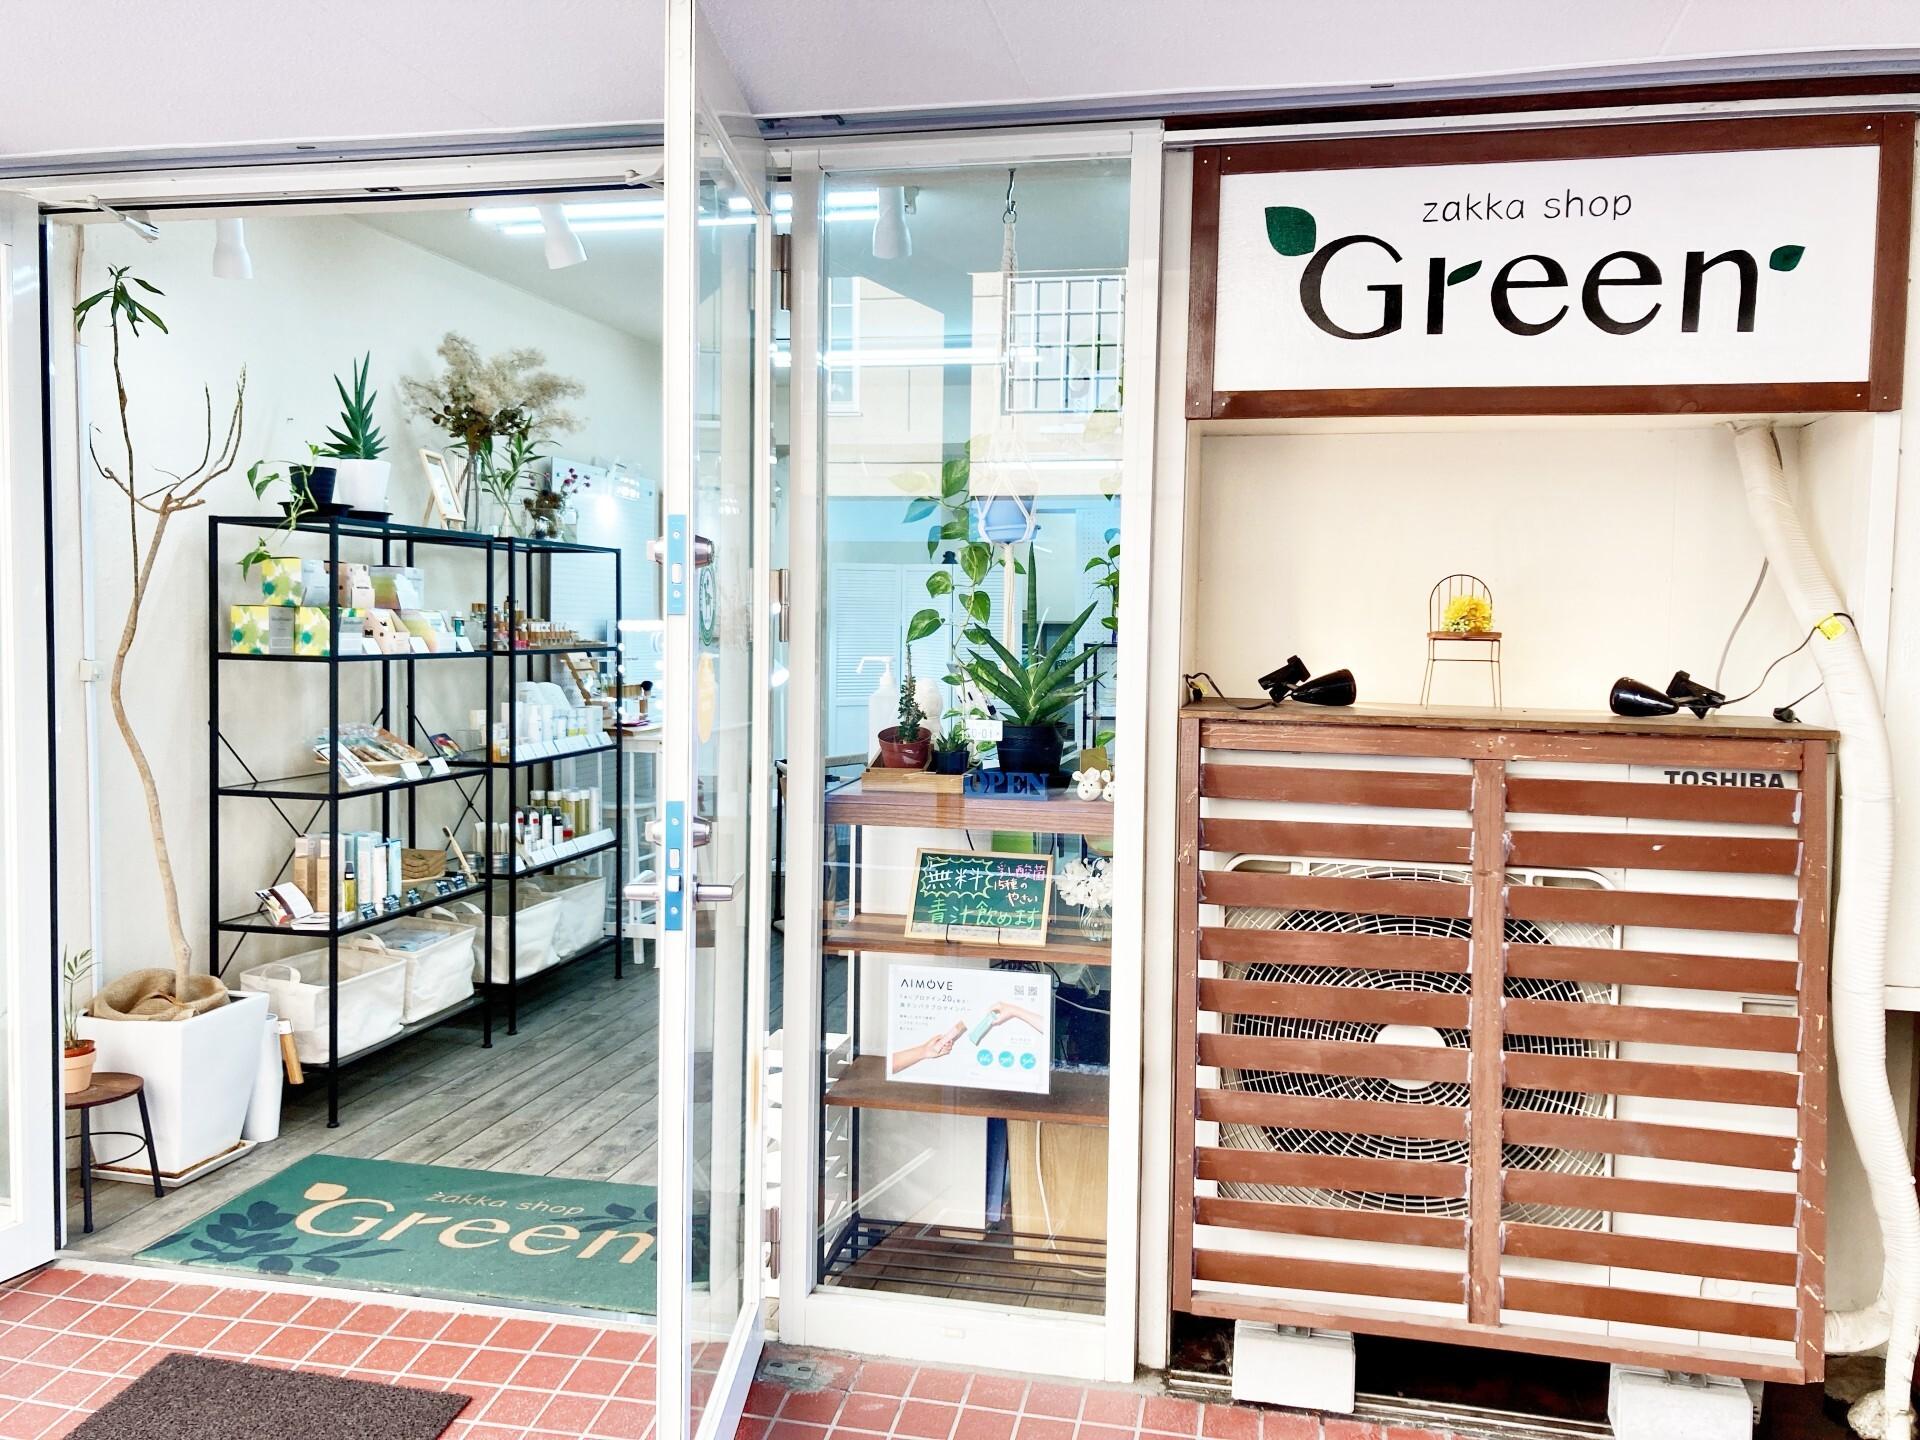 zakka shop Green